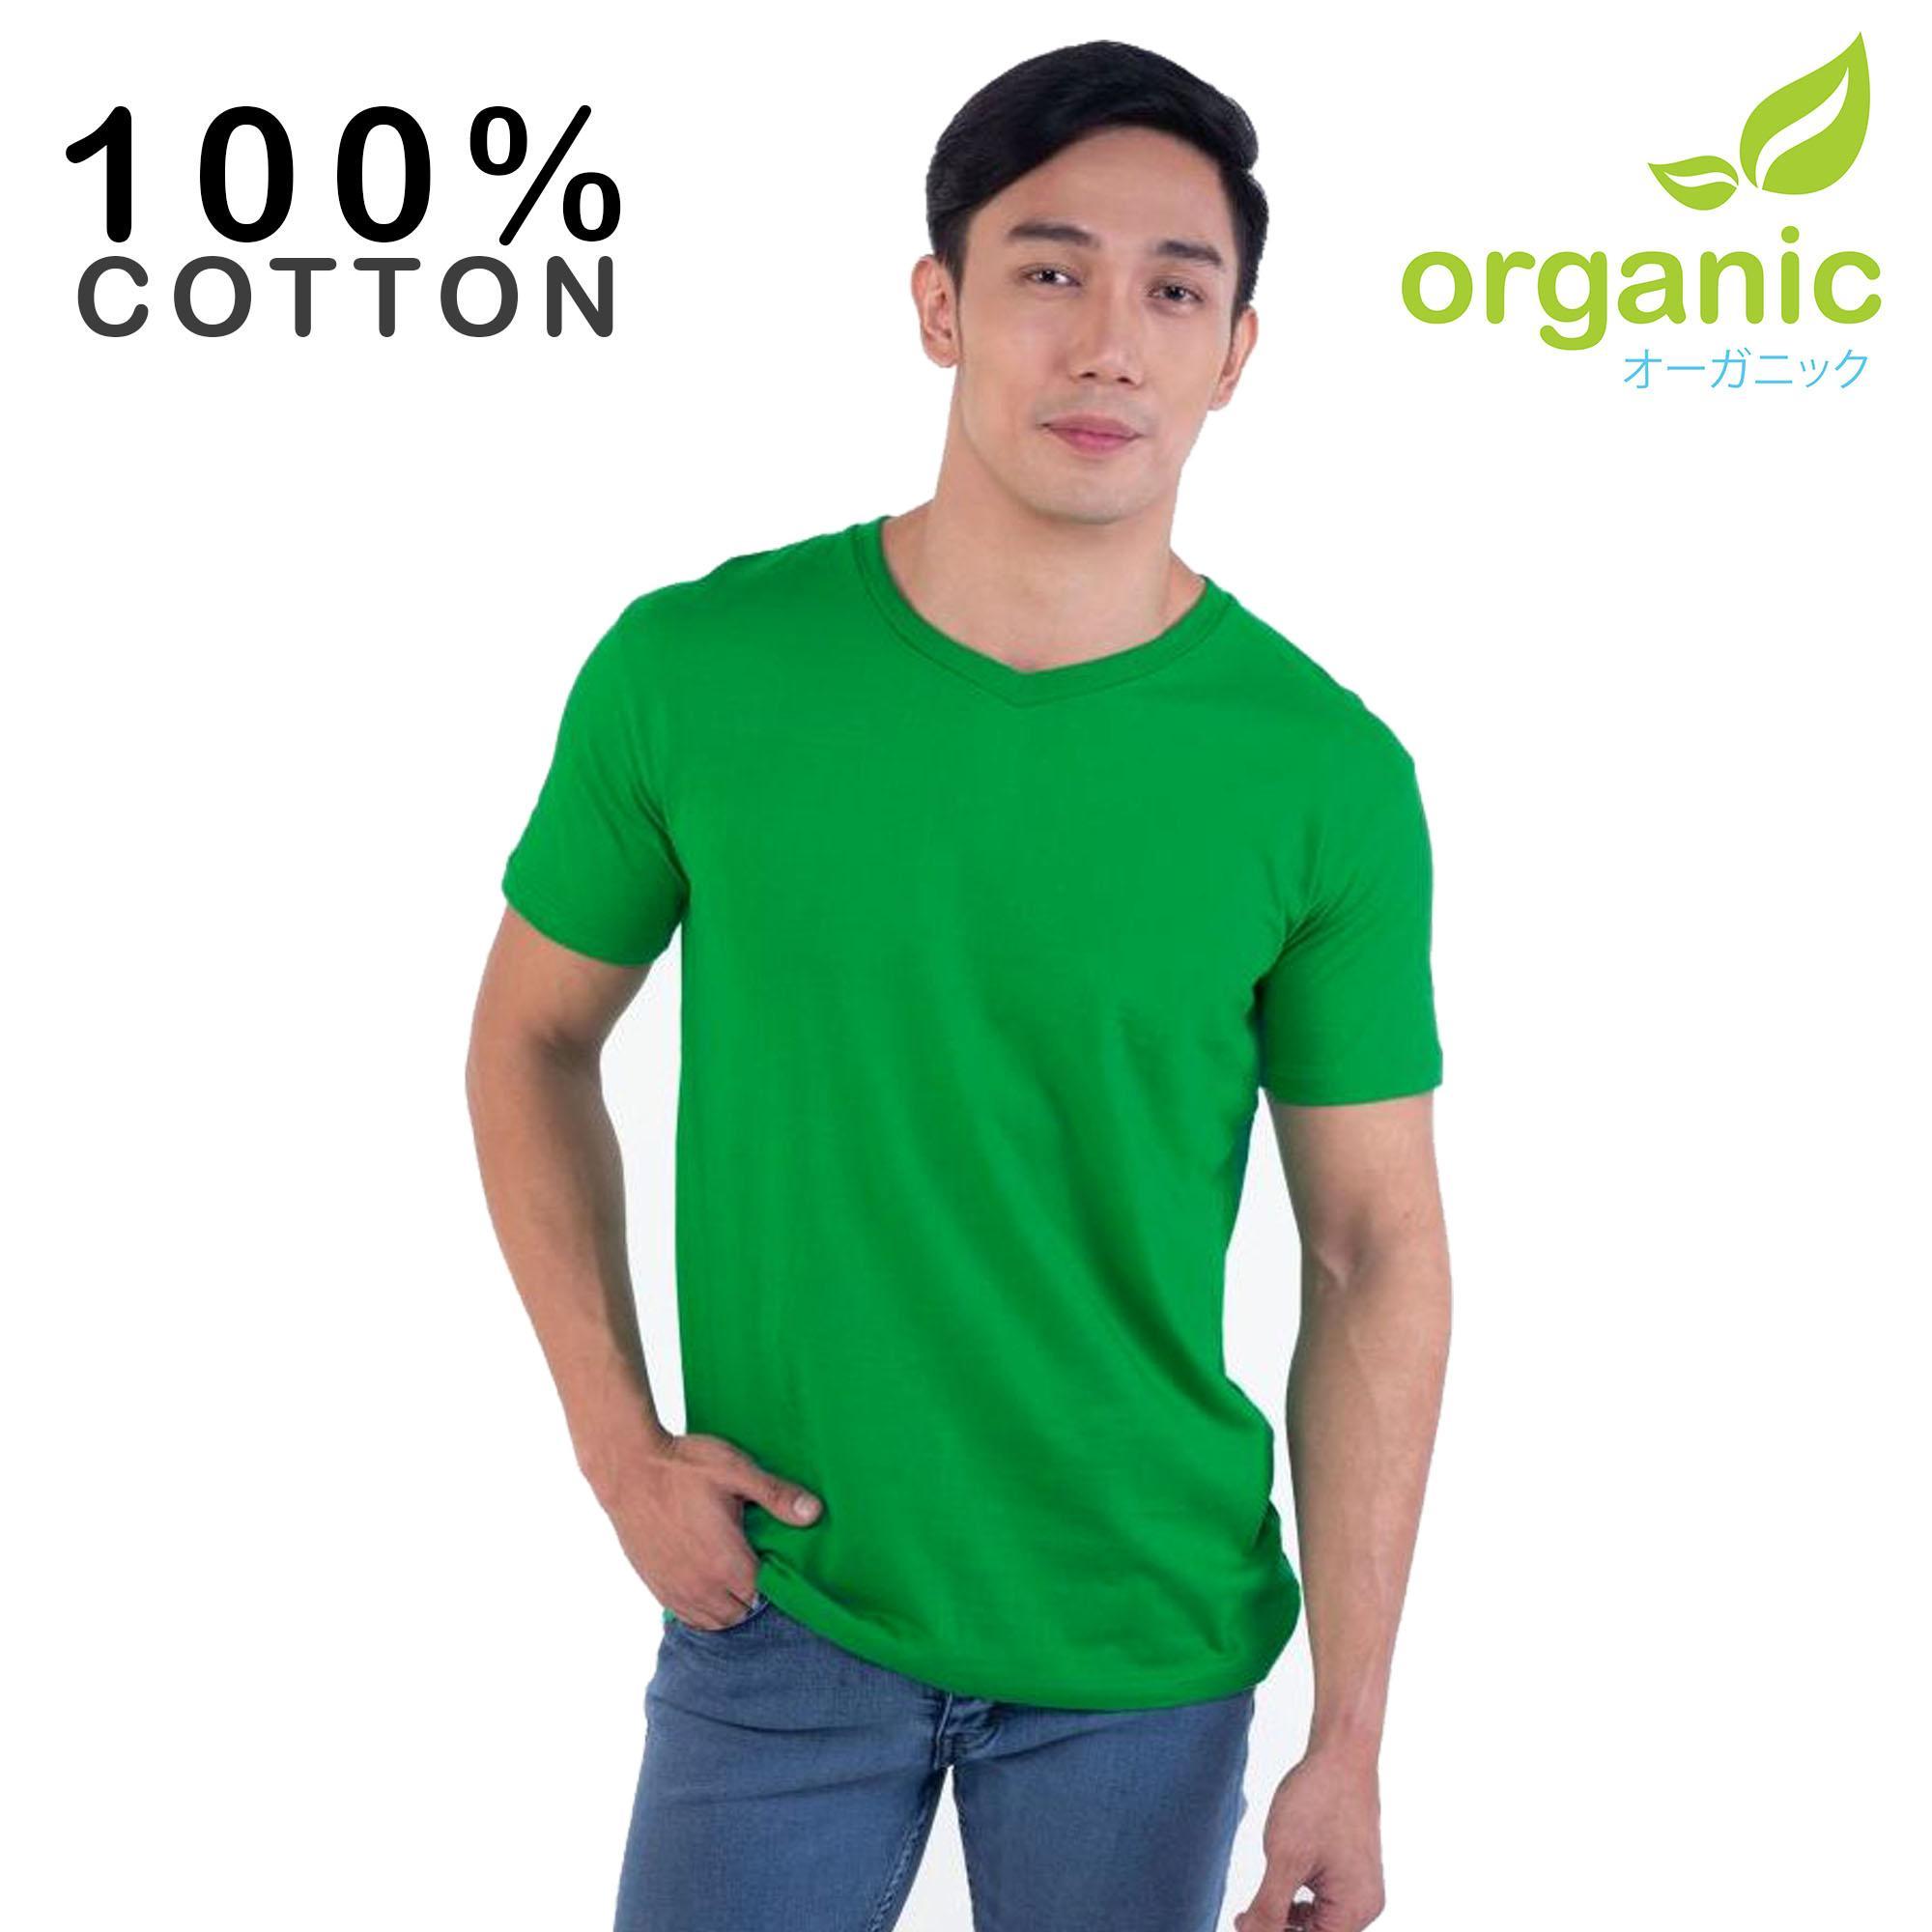 Organic Mens 100% Cotton Vneck (Green) Tees t shirt tshirt shirts tshirts v